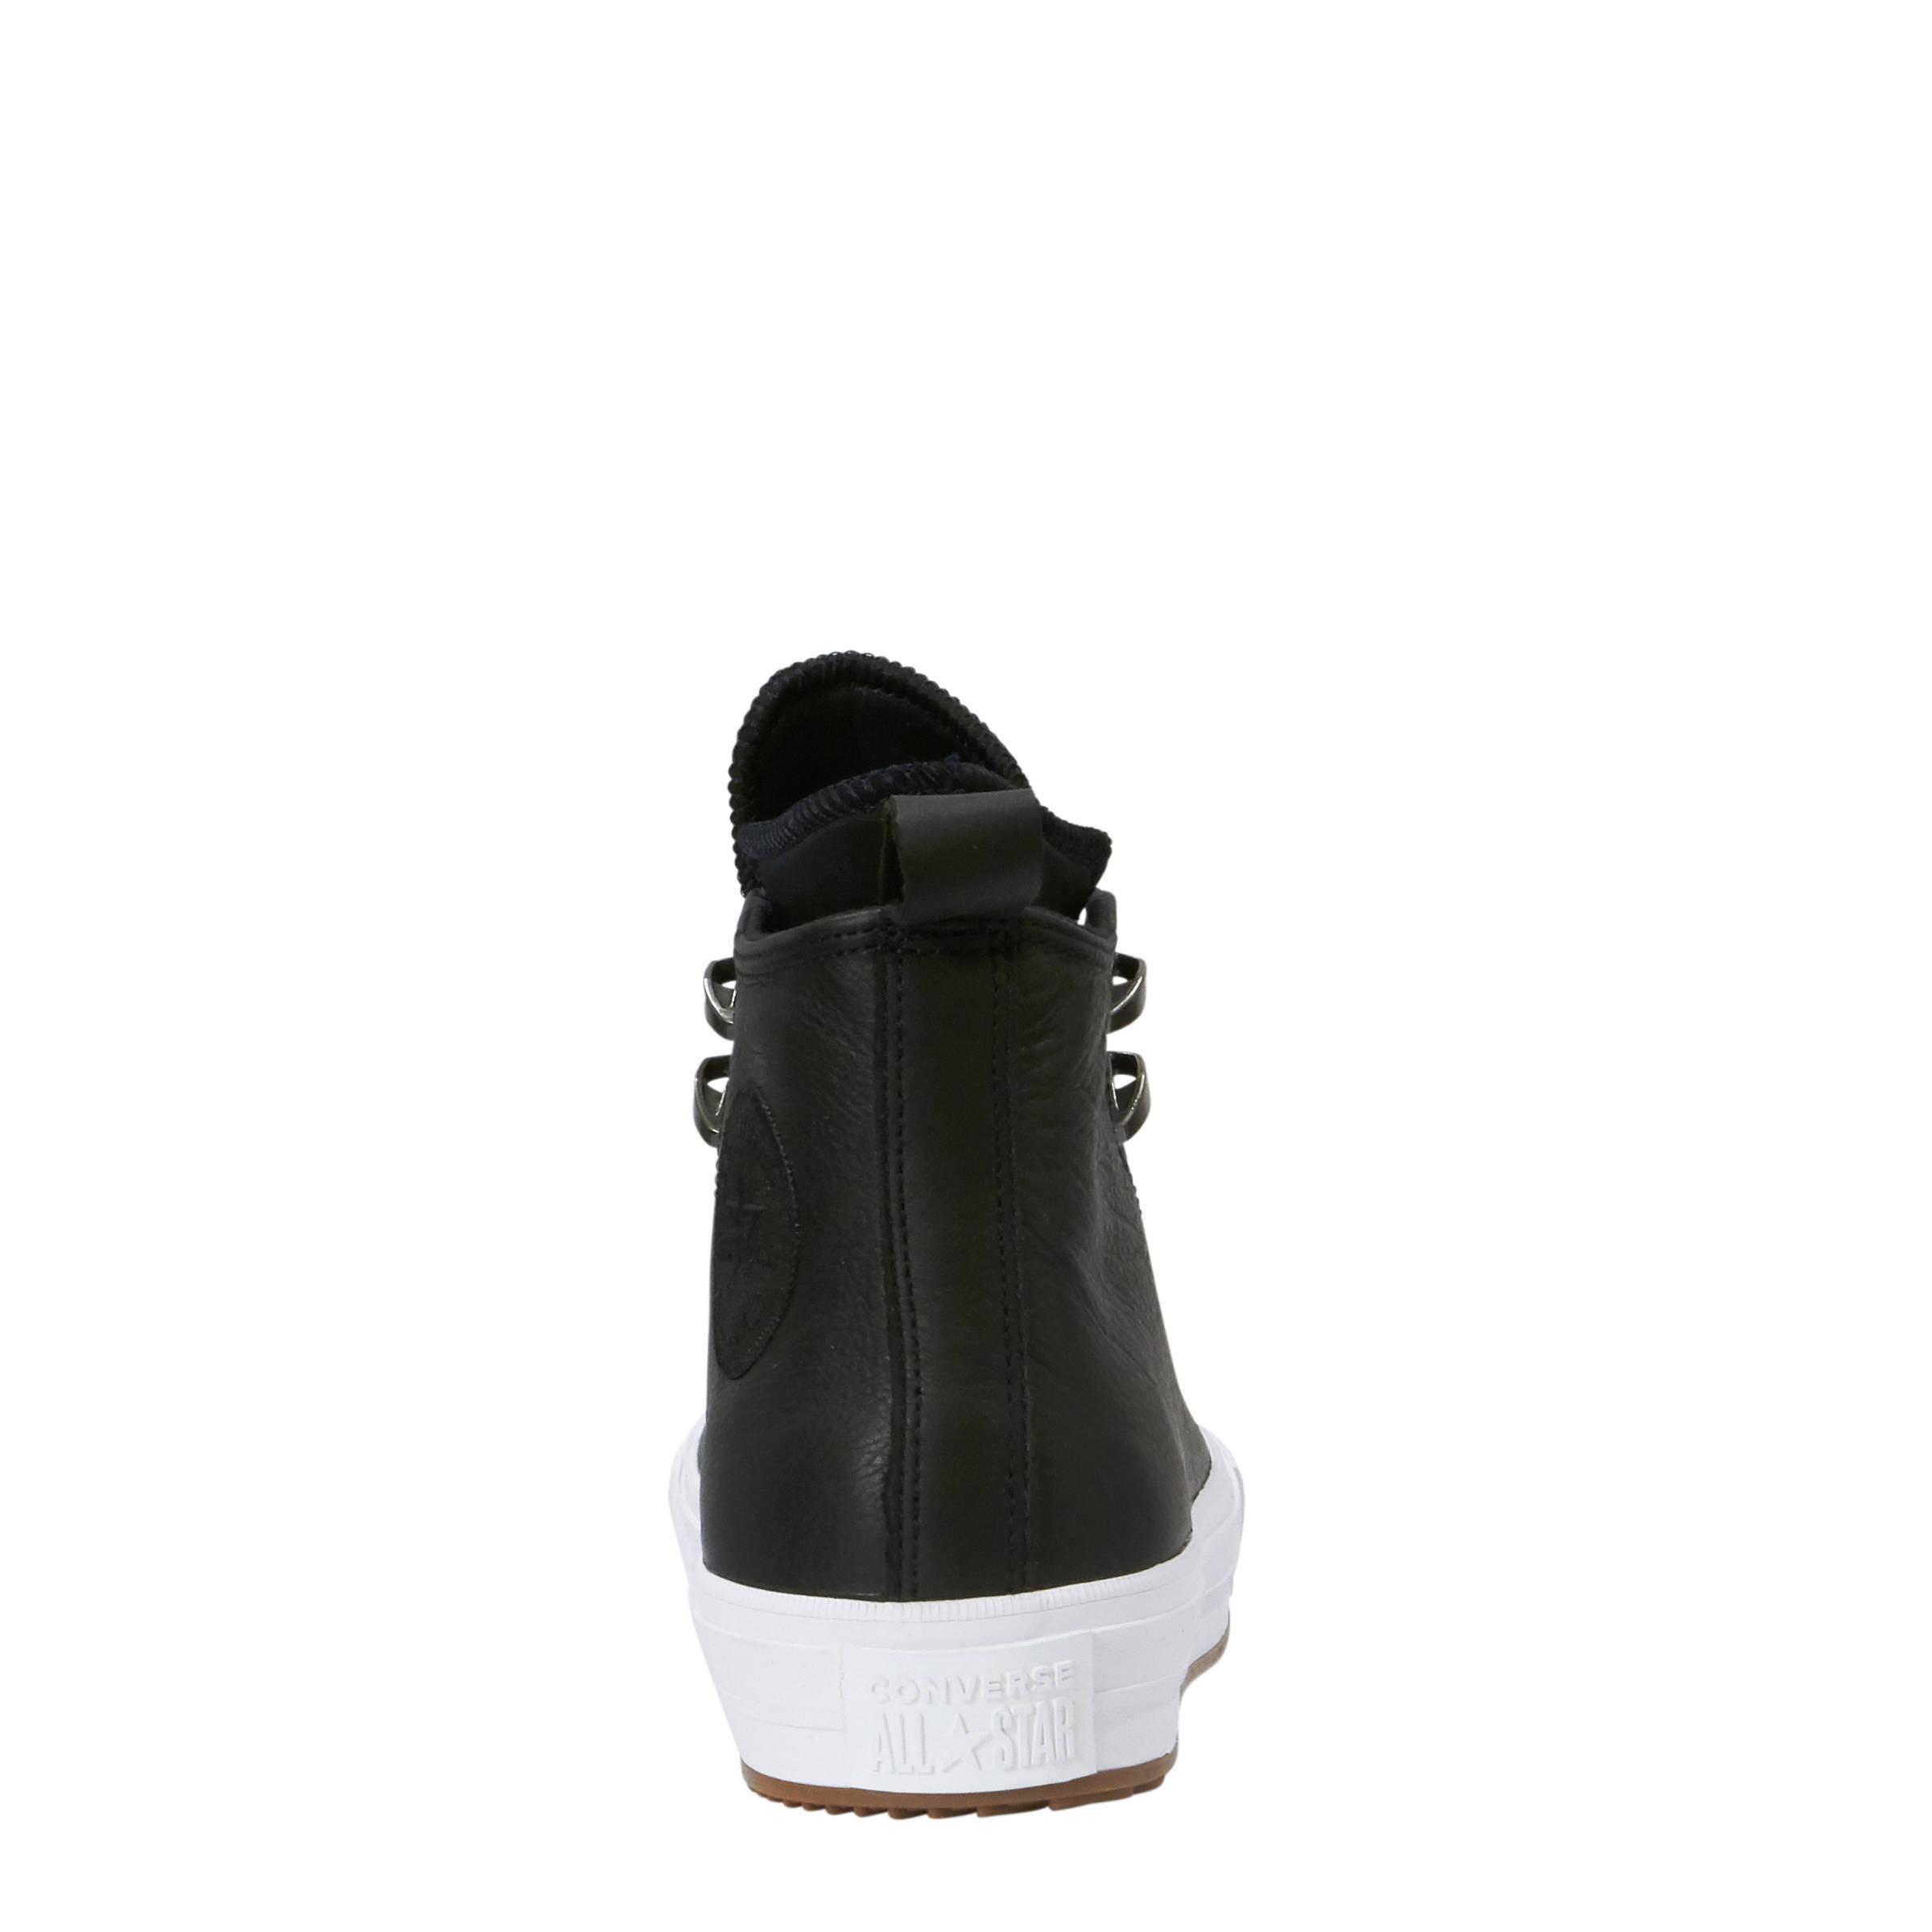 0d32a8f9237 Converse Chuck Taylor All Star WP boots leer zwart   wehkamp